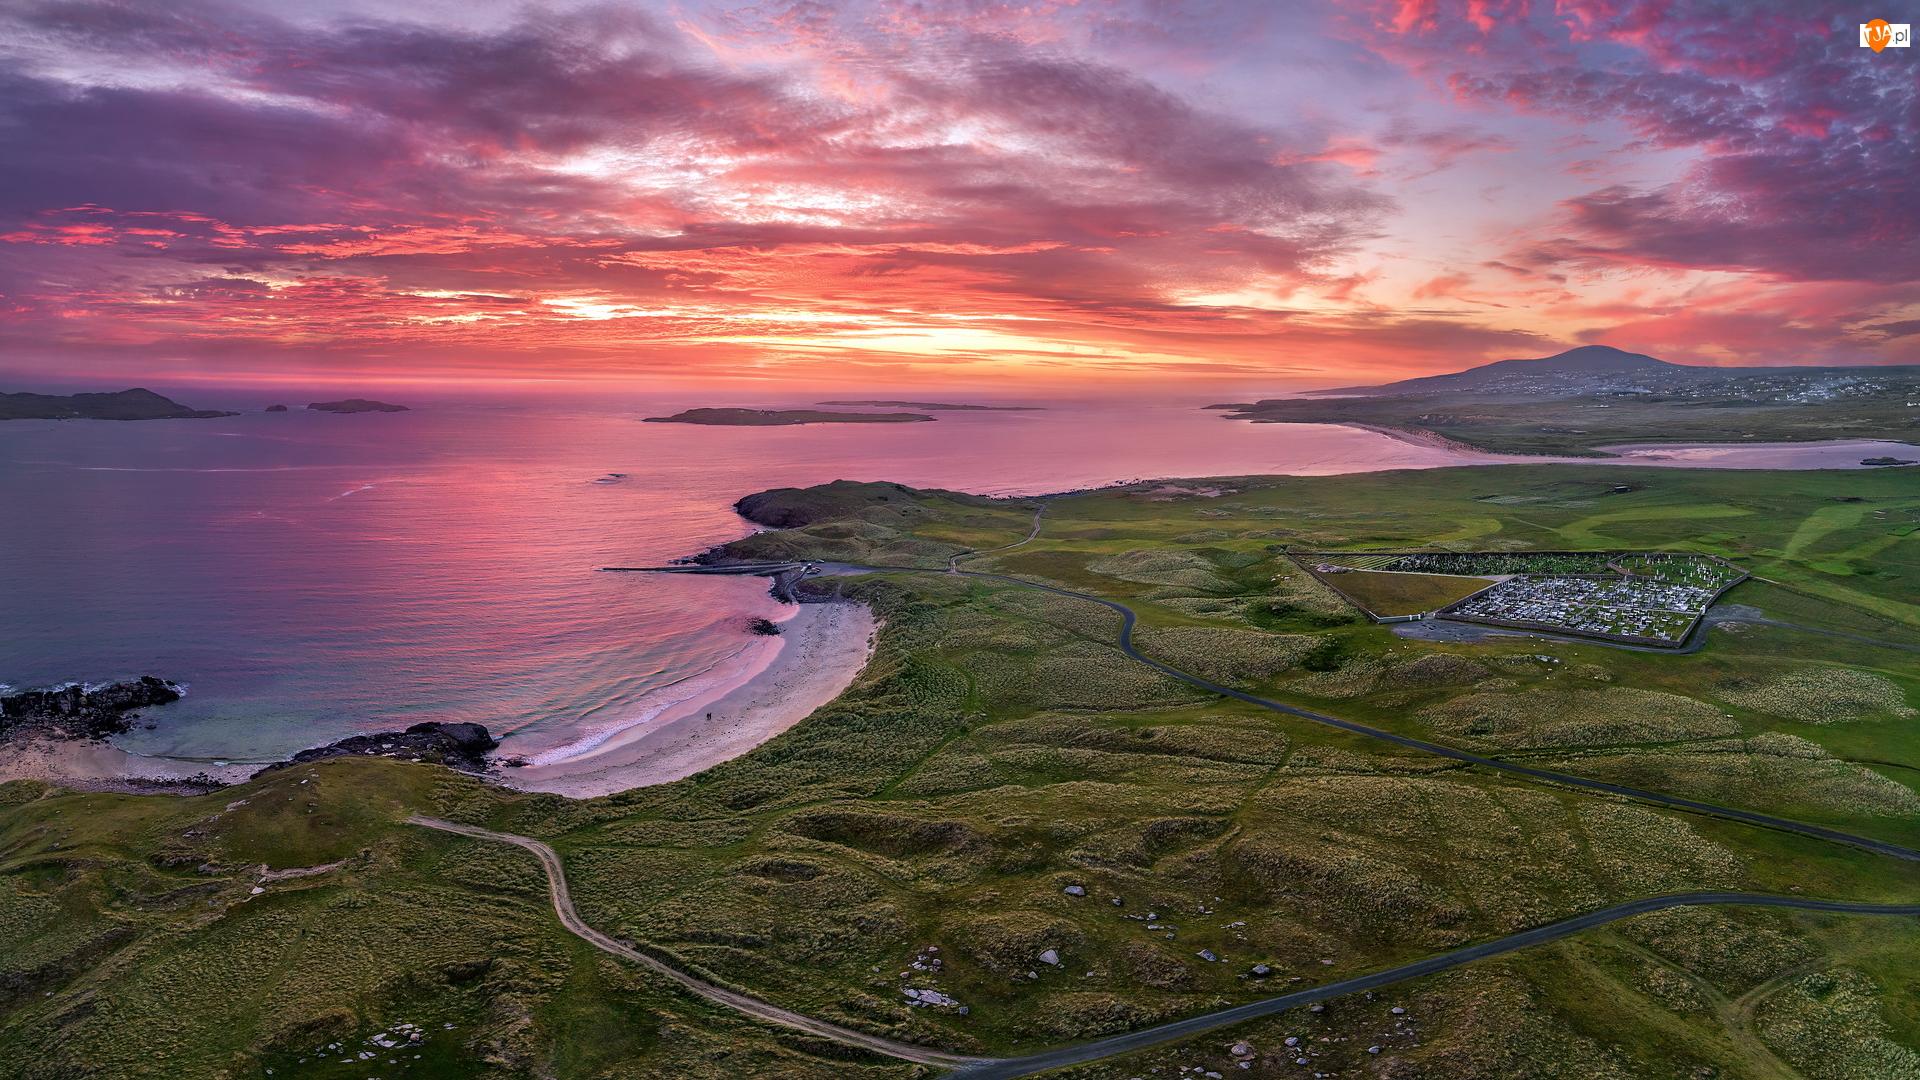 Chmury, Wybrzeże, Tra Dhearg Beach, Hrabstwo Donegal, Morze, Zachód słońca, Irlandia, Plaża